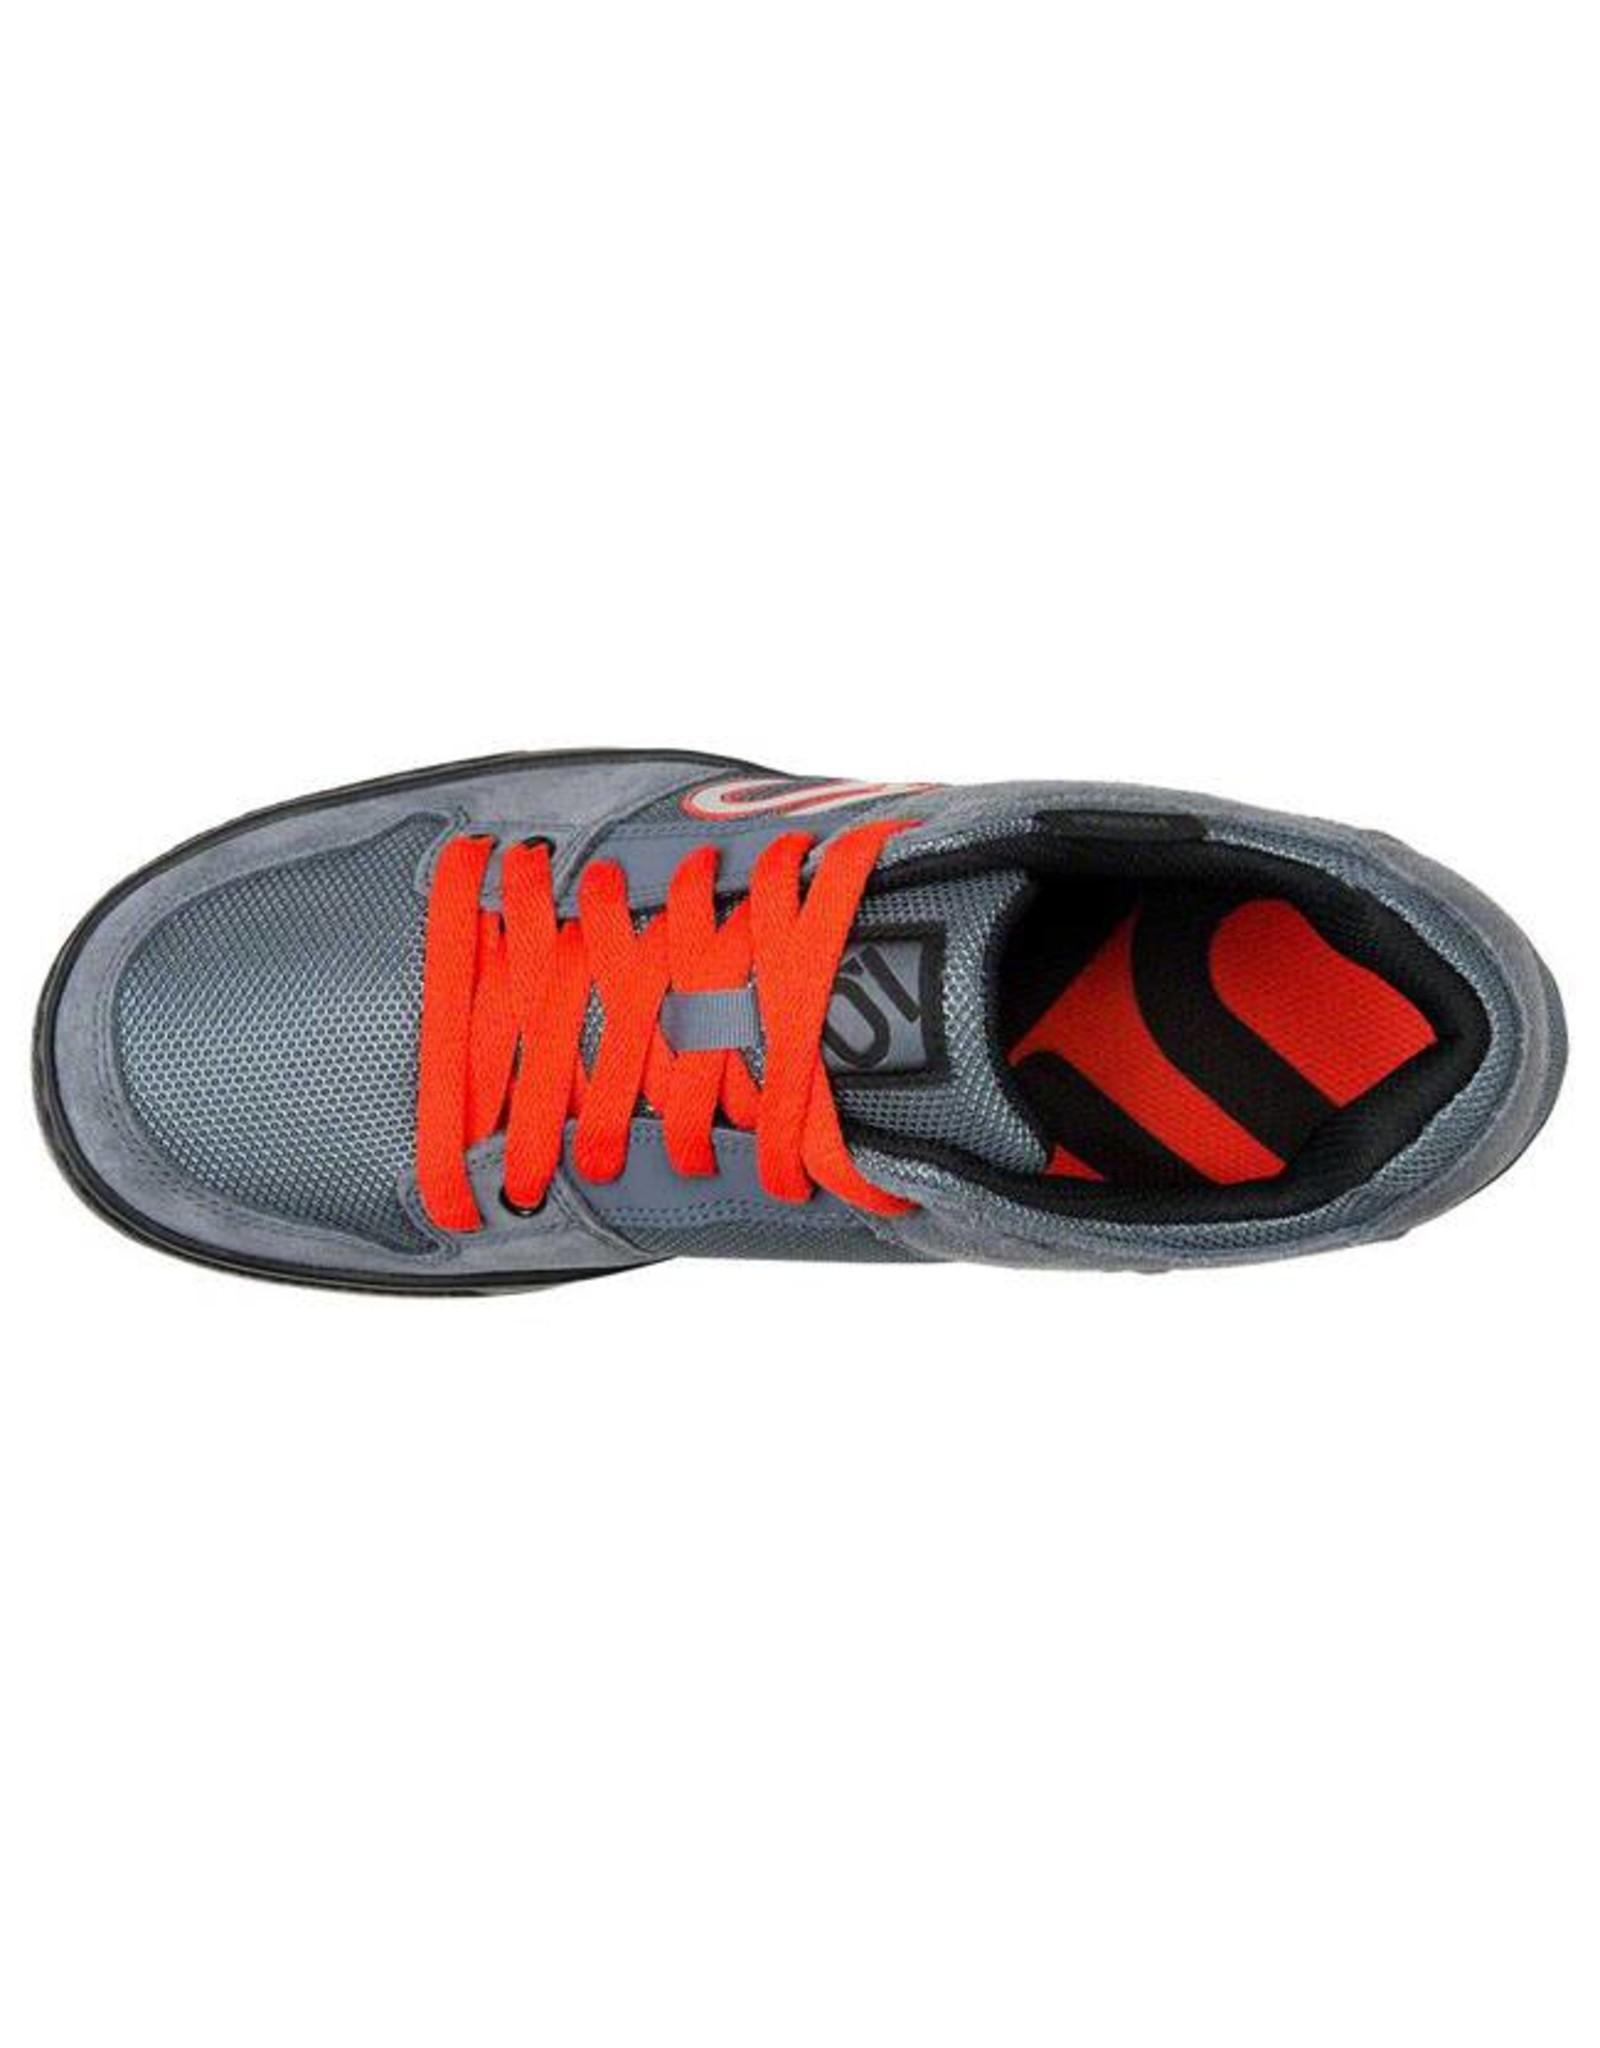 Five Ten Five Ten Freerider Men's Flat Pedal Shoe: Gray/Orange 10.5